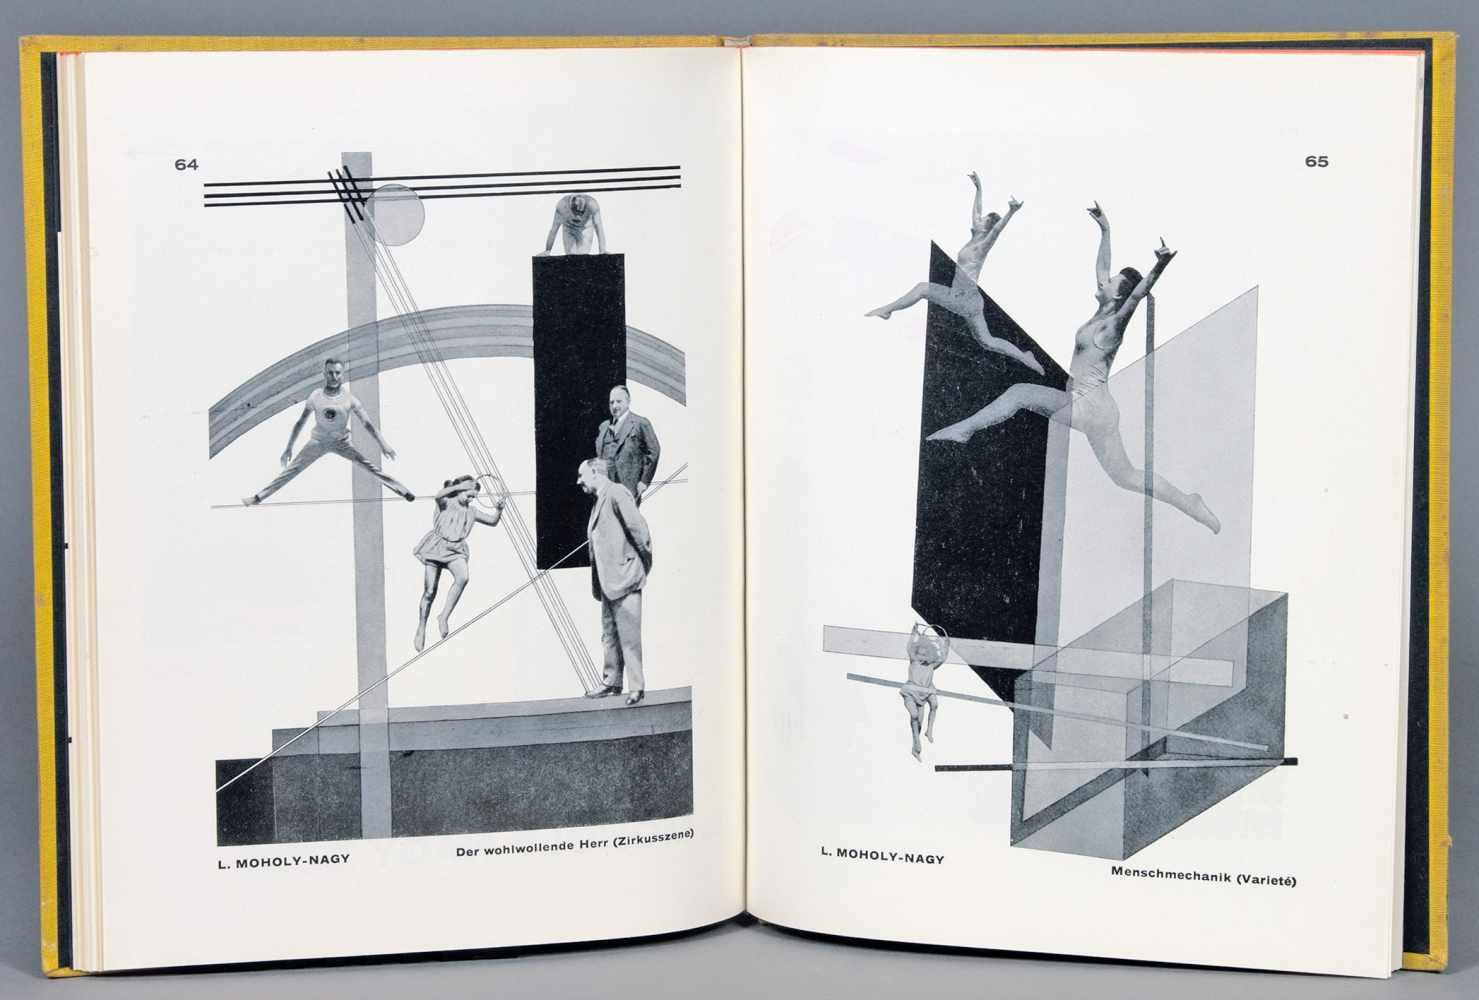 Bauhaus - Walter Gropius. Internationale Architektur. München, Albert Langen 1925. Mit zahlreichen - Image 2 of 2